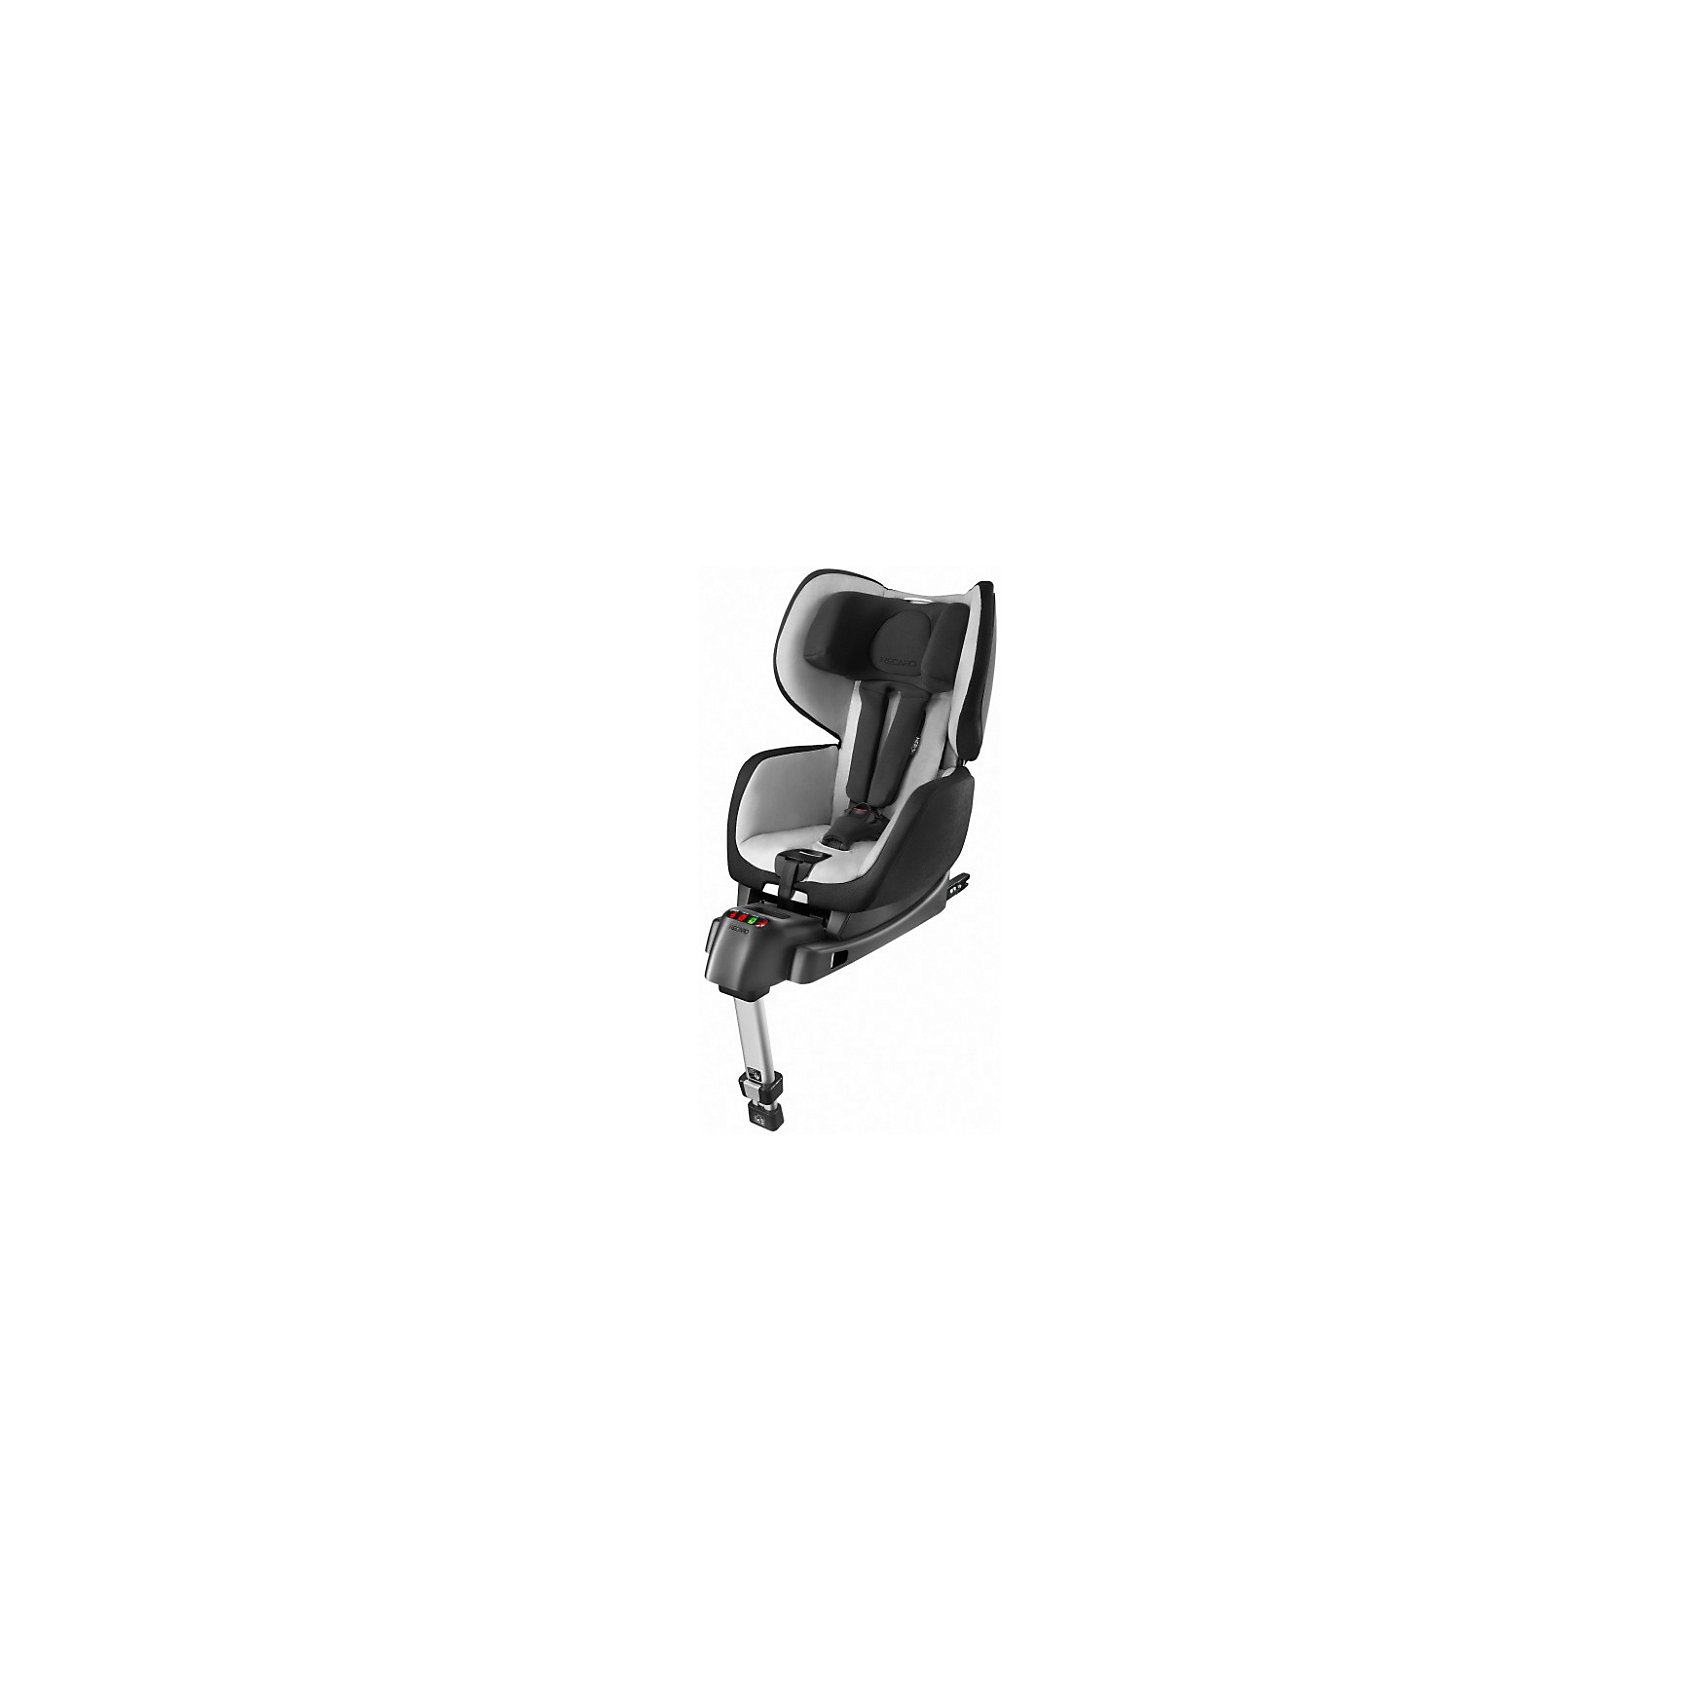 Автокресло OptiaFix,  9-18 кг, Recaro, shadowАвтокресло OptiaFix,  9-18 кг, Recaro, shadow – надежное сиденье для детей от года до четырех лет.<br>Усиленная защита от удара ASP, а также боковая вставка поможет защитить голову малыша от удара. Кресло с плечевыми опорами препятствует скручиванию ремней, поэтому ребенок не будет травмирован при резком торможении. Пятиточечная система ремней безопасности с мягкими накладками. Чехлы можно снять и постирать в машинке. Автокресло устанавливается лицом по ходу движения с помощью базы IsoFix и дополнительного упора в пол. Спинку можно наклонять вместе с обычным креслом, чтобы ребенок мог поспать. <br><br>Дополнительная информация:<br><br>- возрастная группа: от 12 месяцев до 4 лет<br>- вес ребенка: от 9 до 18 кг<br>- вес кресла: 17,4 кг<br>- размер: 70 х 44 х 69 см<br><br>Автокресло OptiaFix,  9-18 кг, Recaro, shadow можно купить в нашем интернет магазине.<br><br>Ширина мм: 690<br>Глубина мм: 440<br>Высота мм: 700<br>Вес г: 17400<br>Возраст от месяцев: 9<br>Возраст до месяцев: 540<br>Пол: Унисекс<br>Возраст: Детский<br>SKU: 4999100